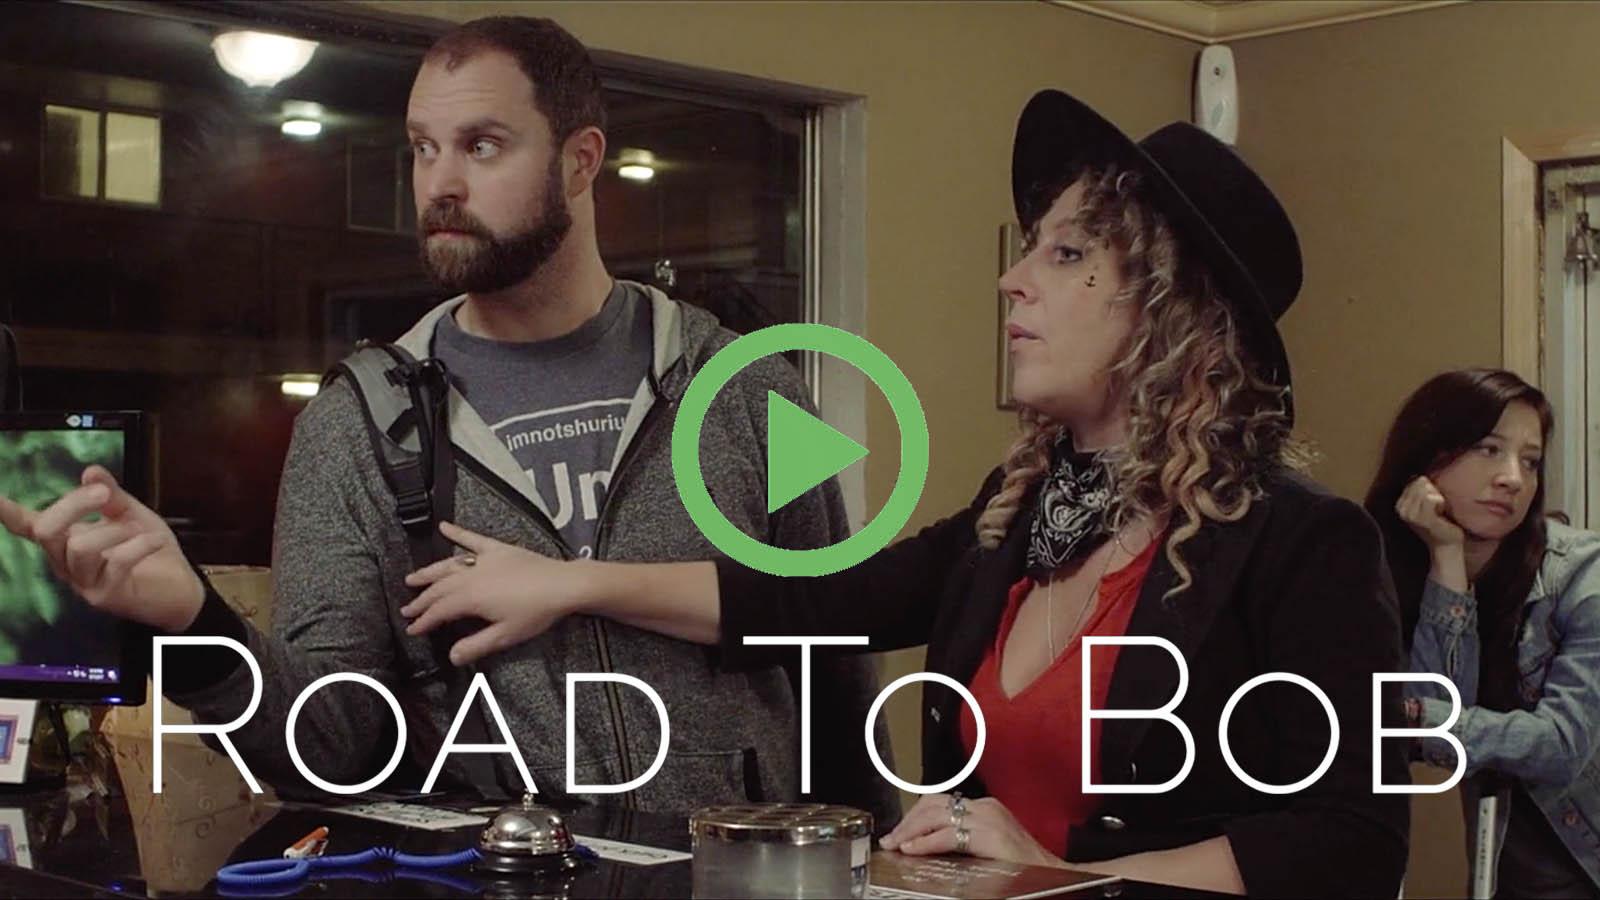 Road to Bob - Rollyn Stafford, Portland, OR